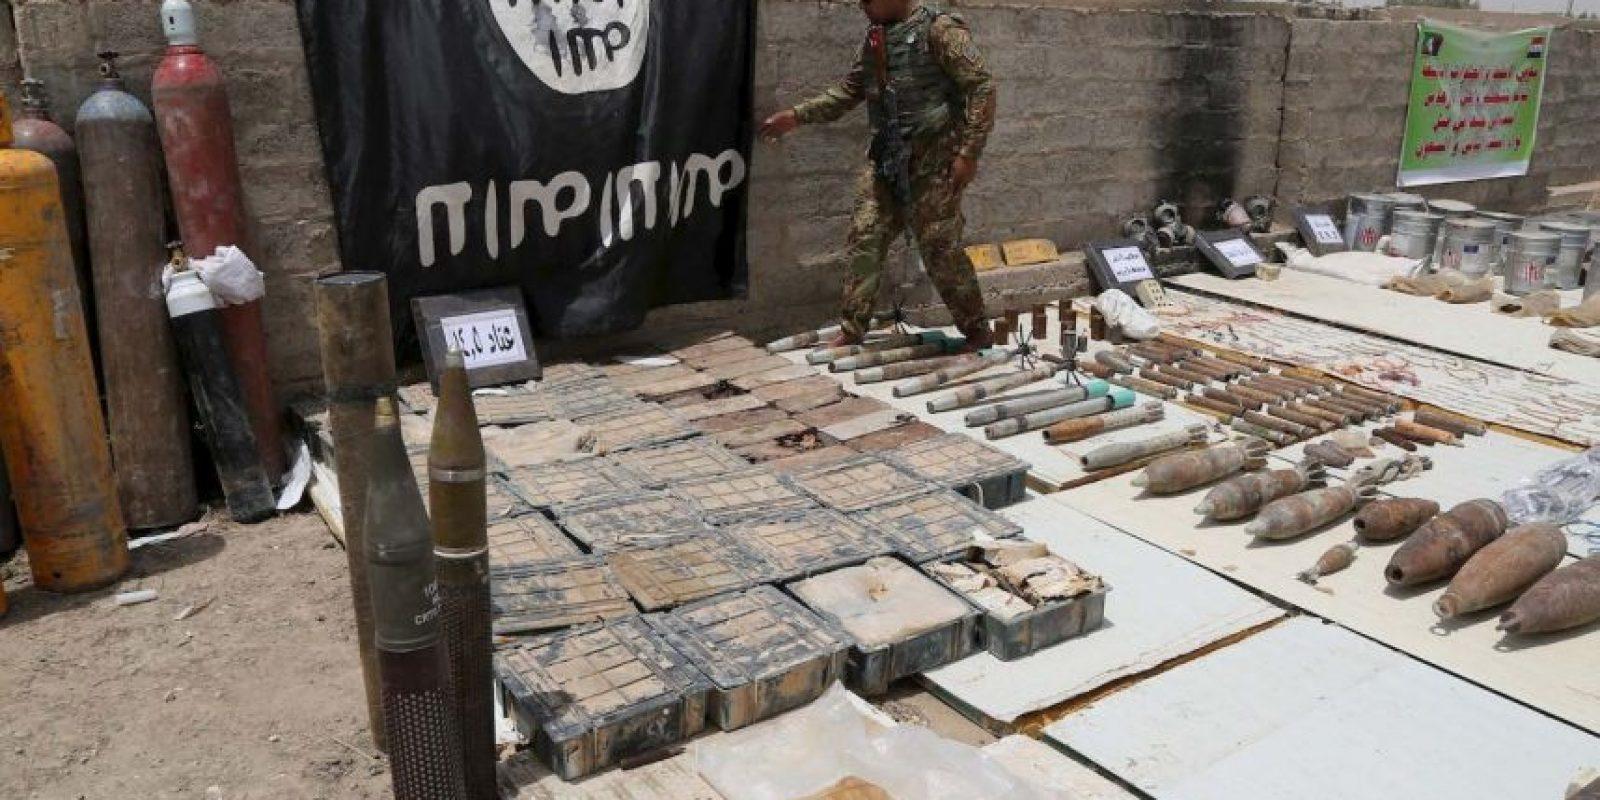 Se le acusa de haber entregado información de las fuerzas estadounidenses al Estado Islámico. Foto:AP